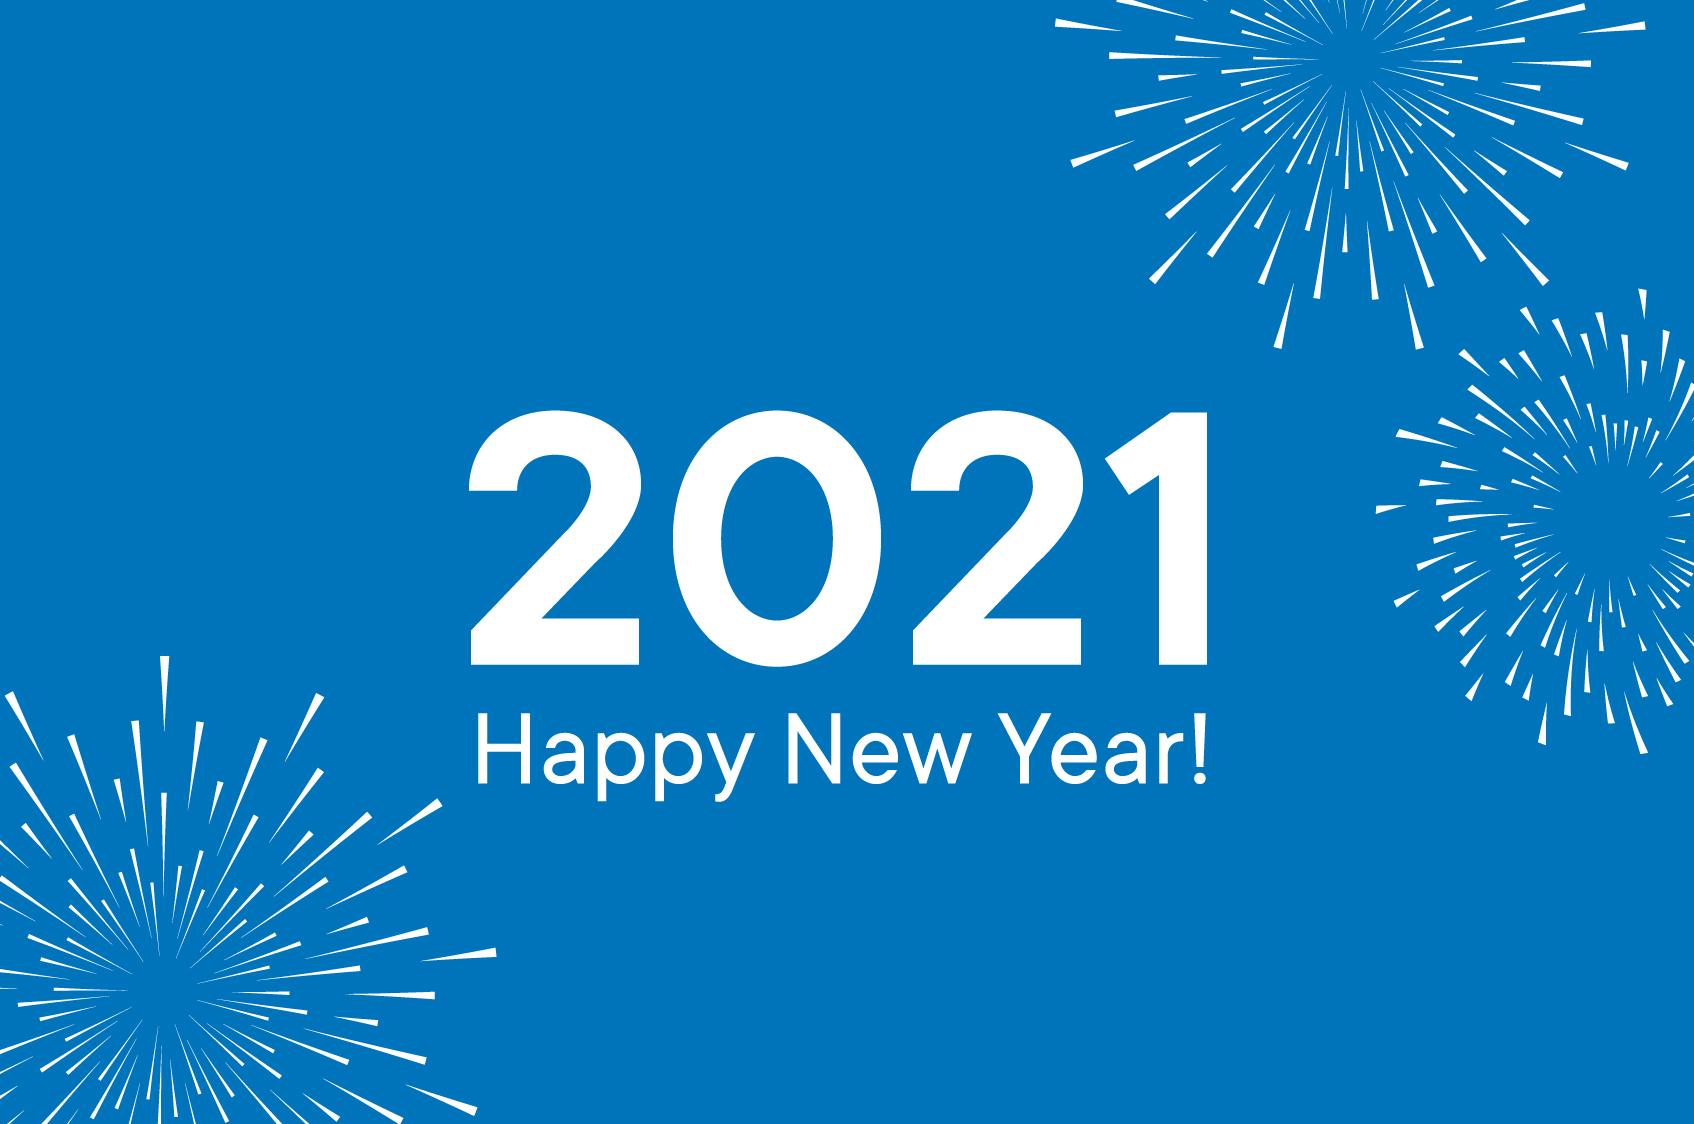 Happy New Yeas 2021